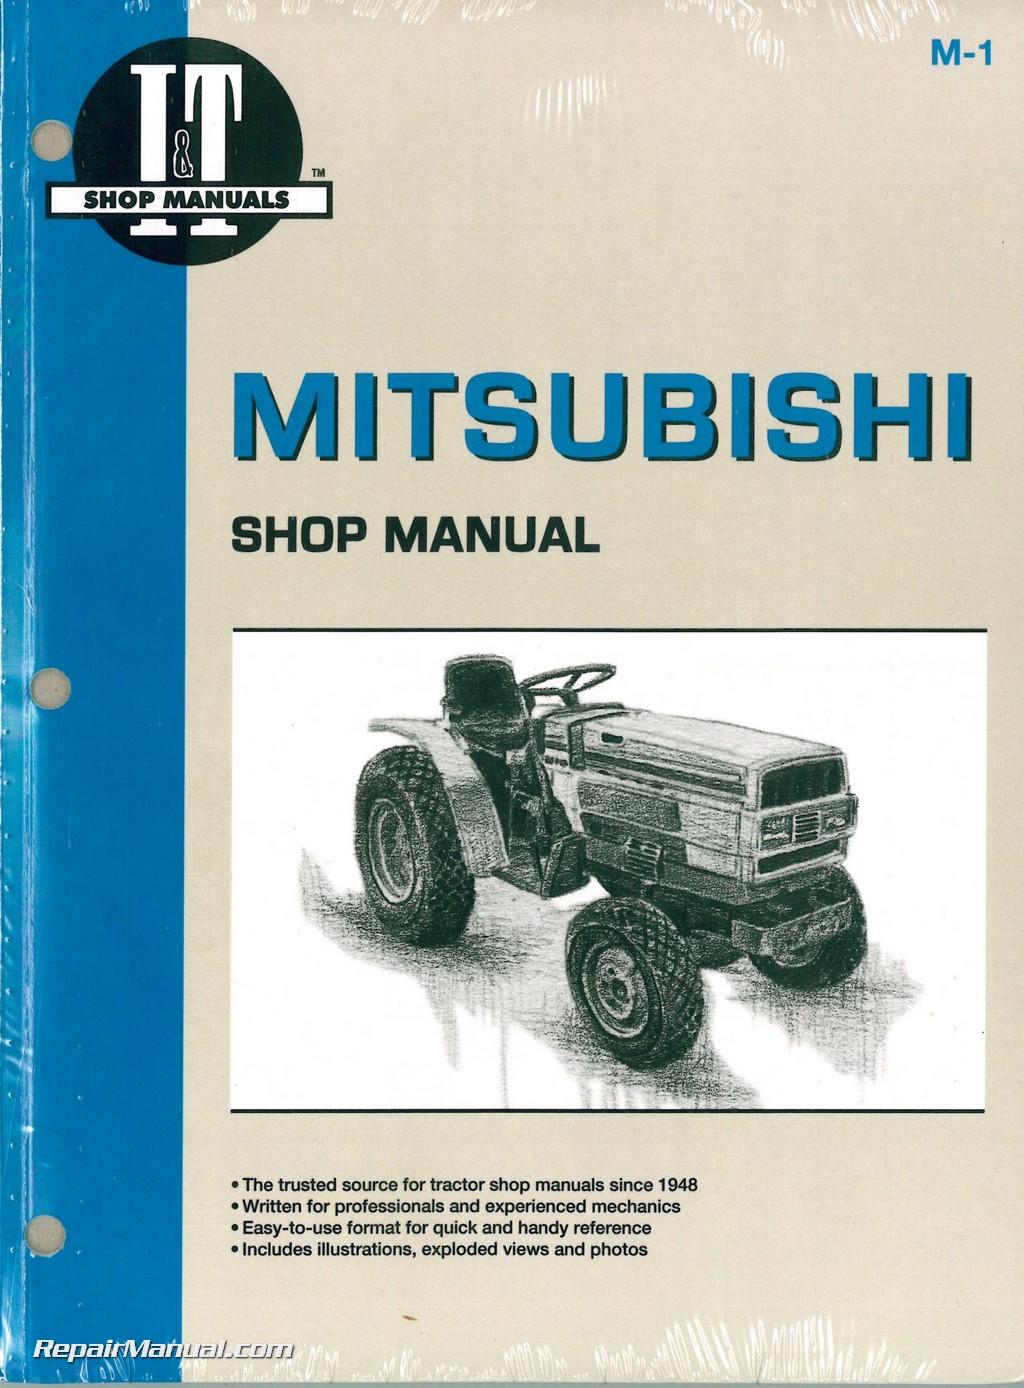 Mitsubishi Mt D Tractor Parts : Mitsubishi mt d h hd